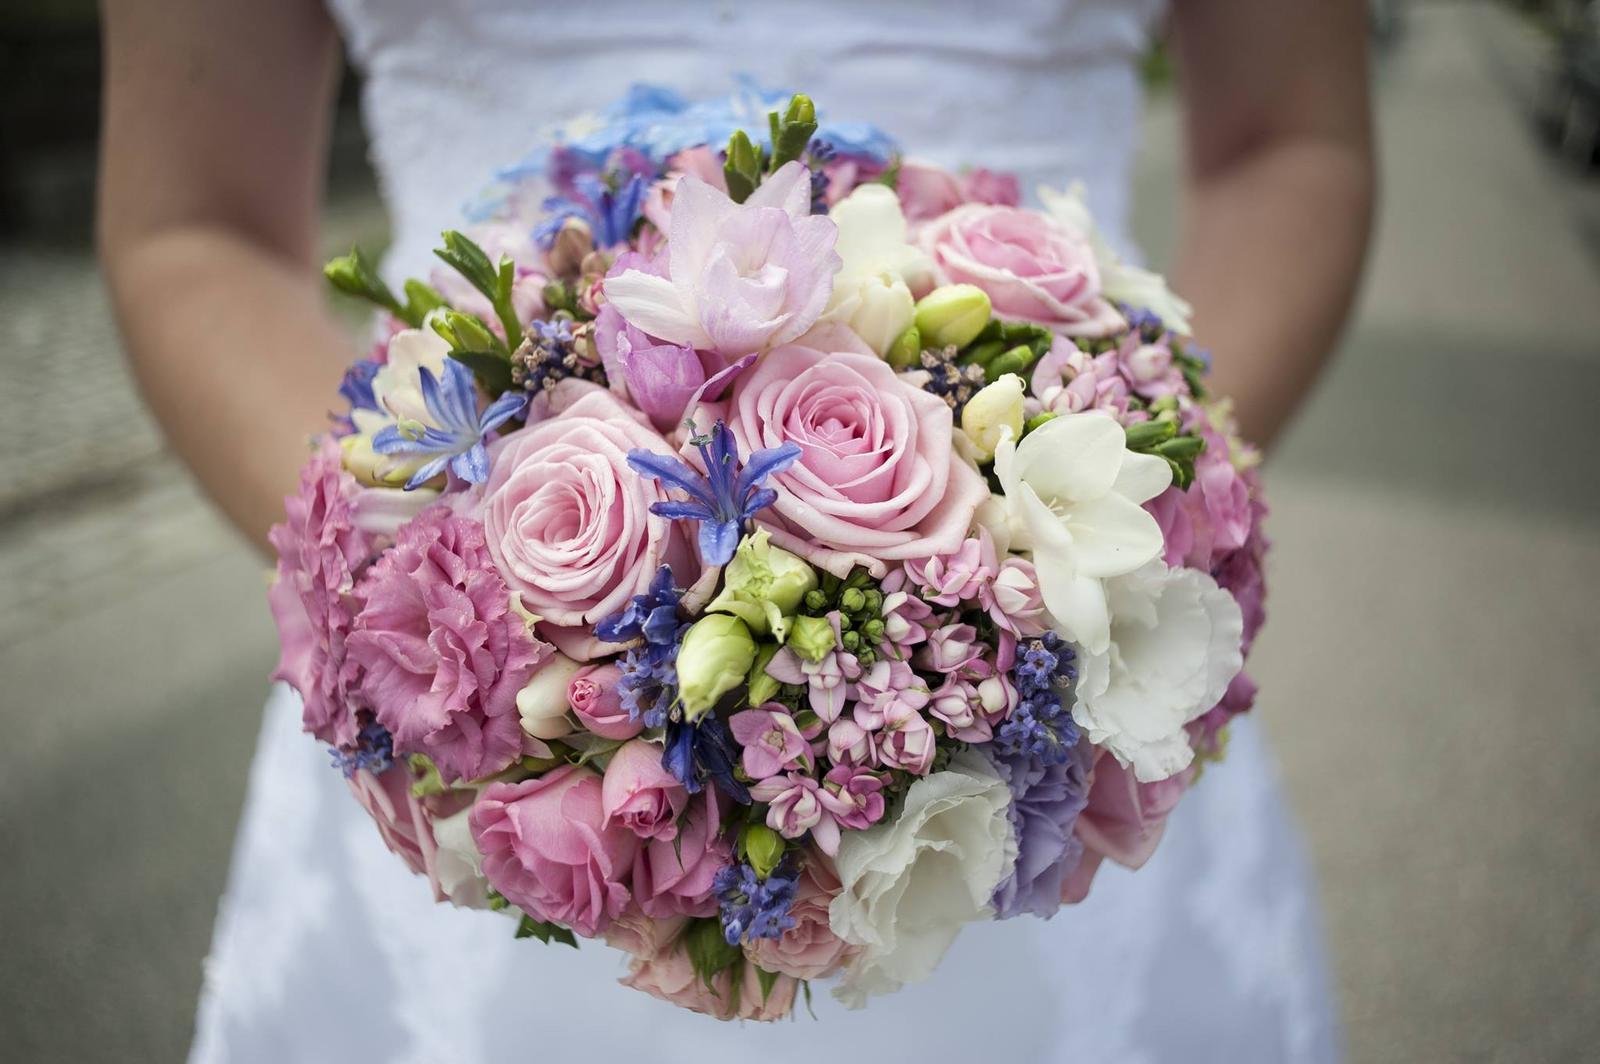 Nejkrásnější svatba - Svatební kytice naší nevěsty na zámečku v Sokolnicích.